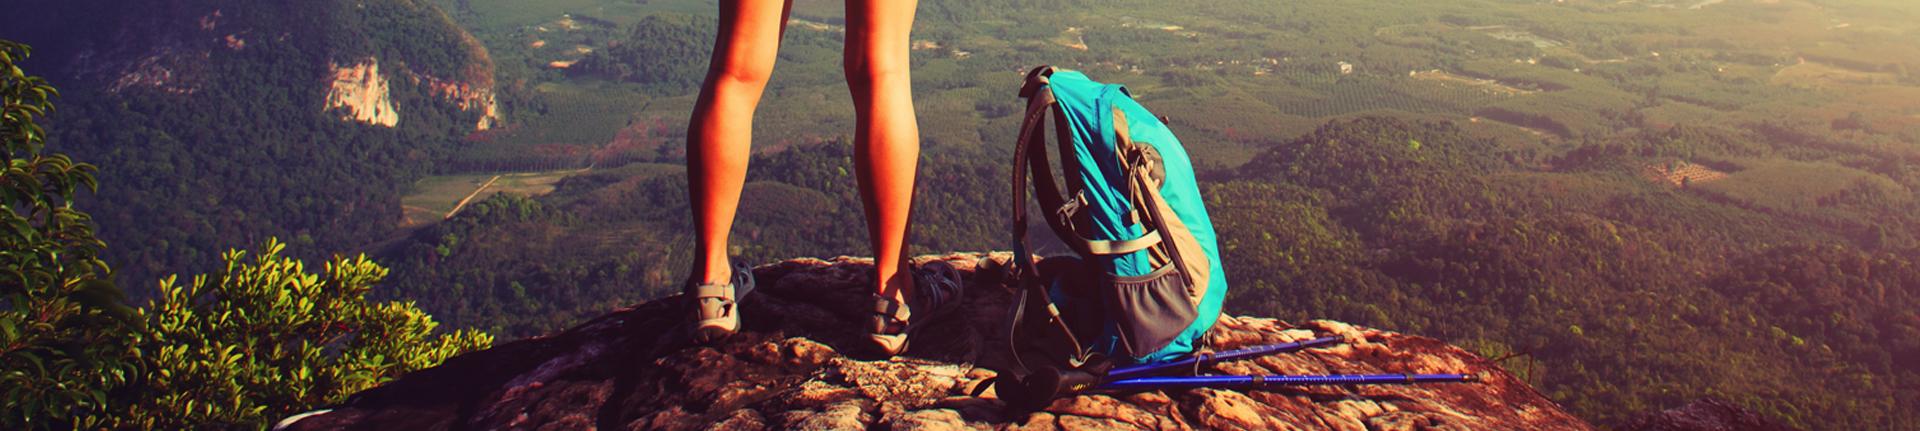 Chapada dos Veadeiros: Trekking e aventura com muito alto astral!